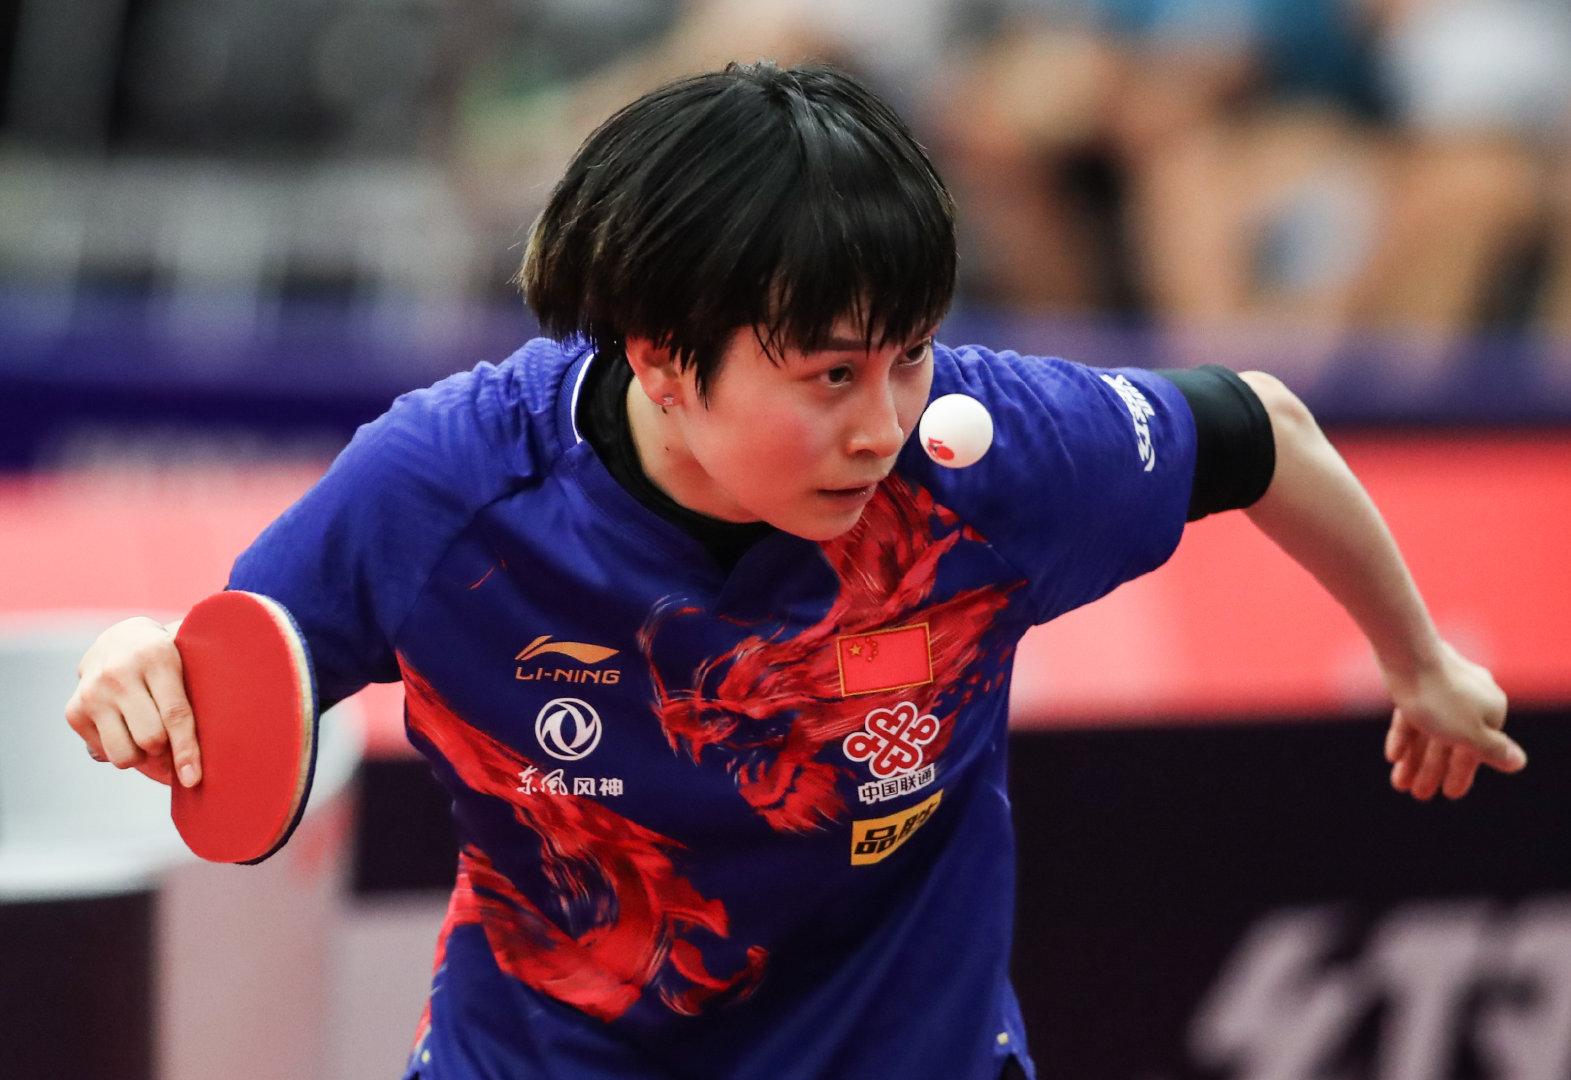 在捷克奥洛穆茨举行的2019国际乒联世界巡回赛捷克公开赛女单八分之一